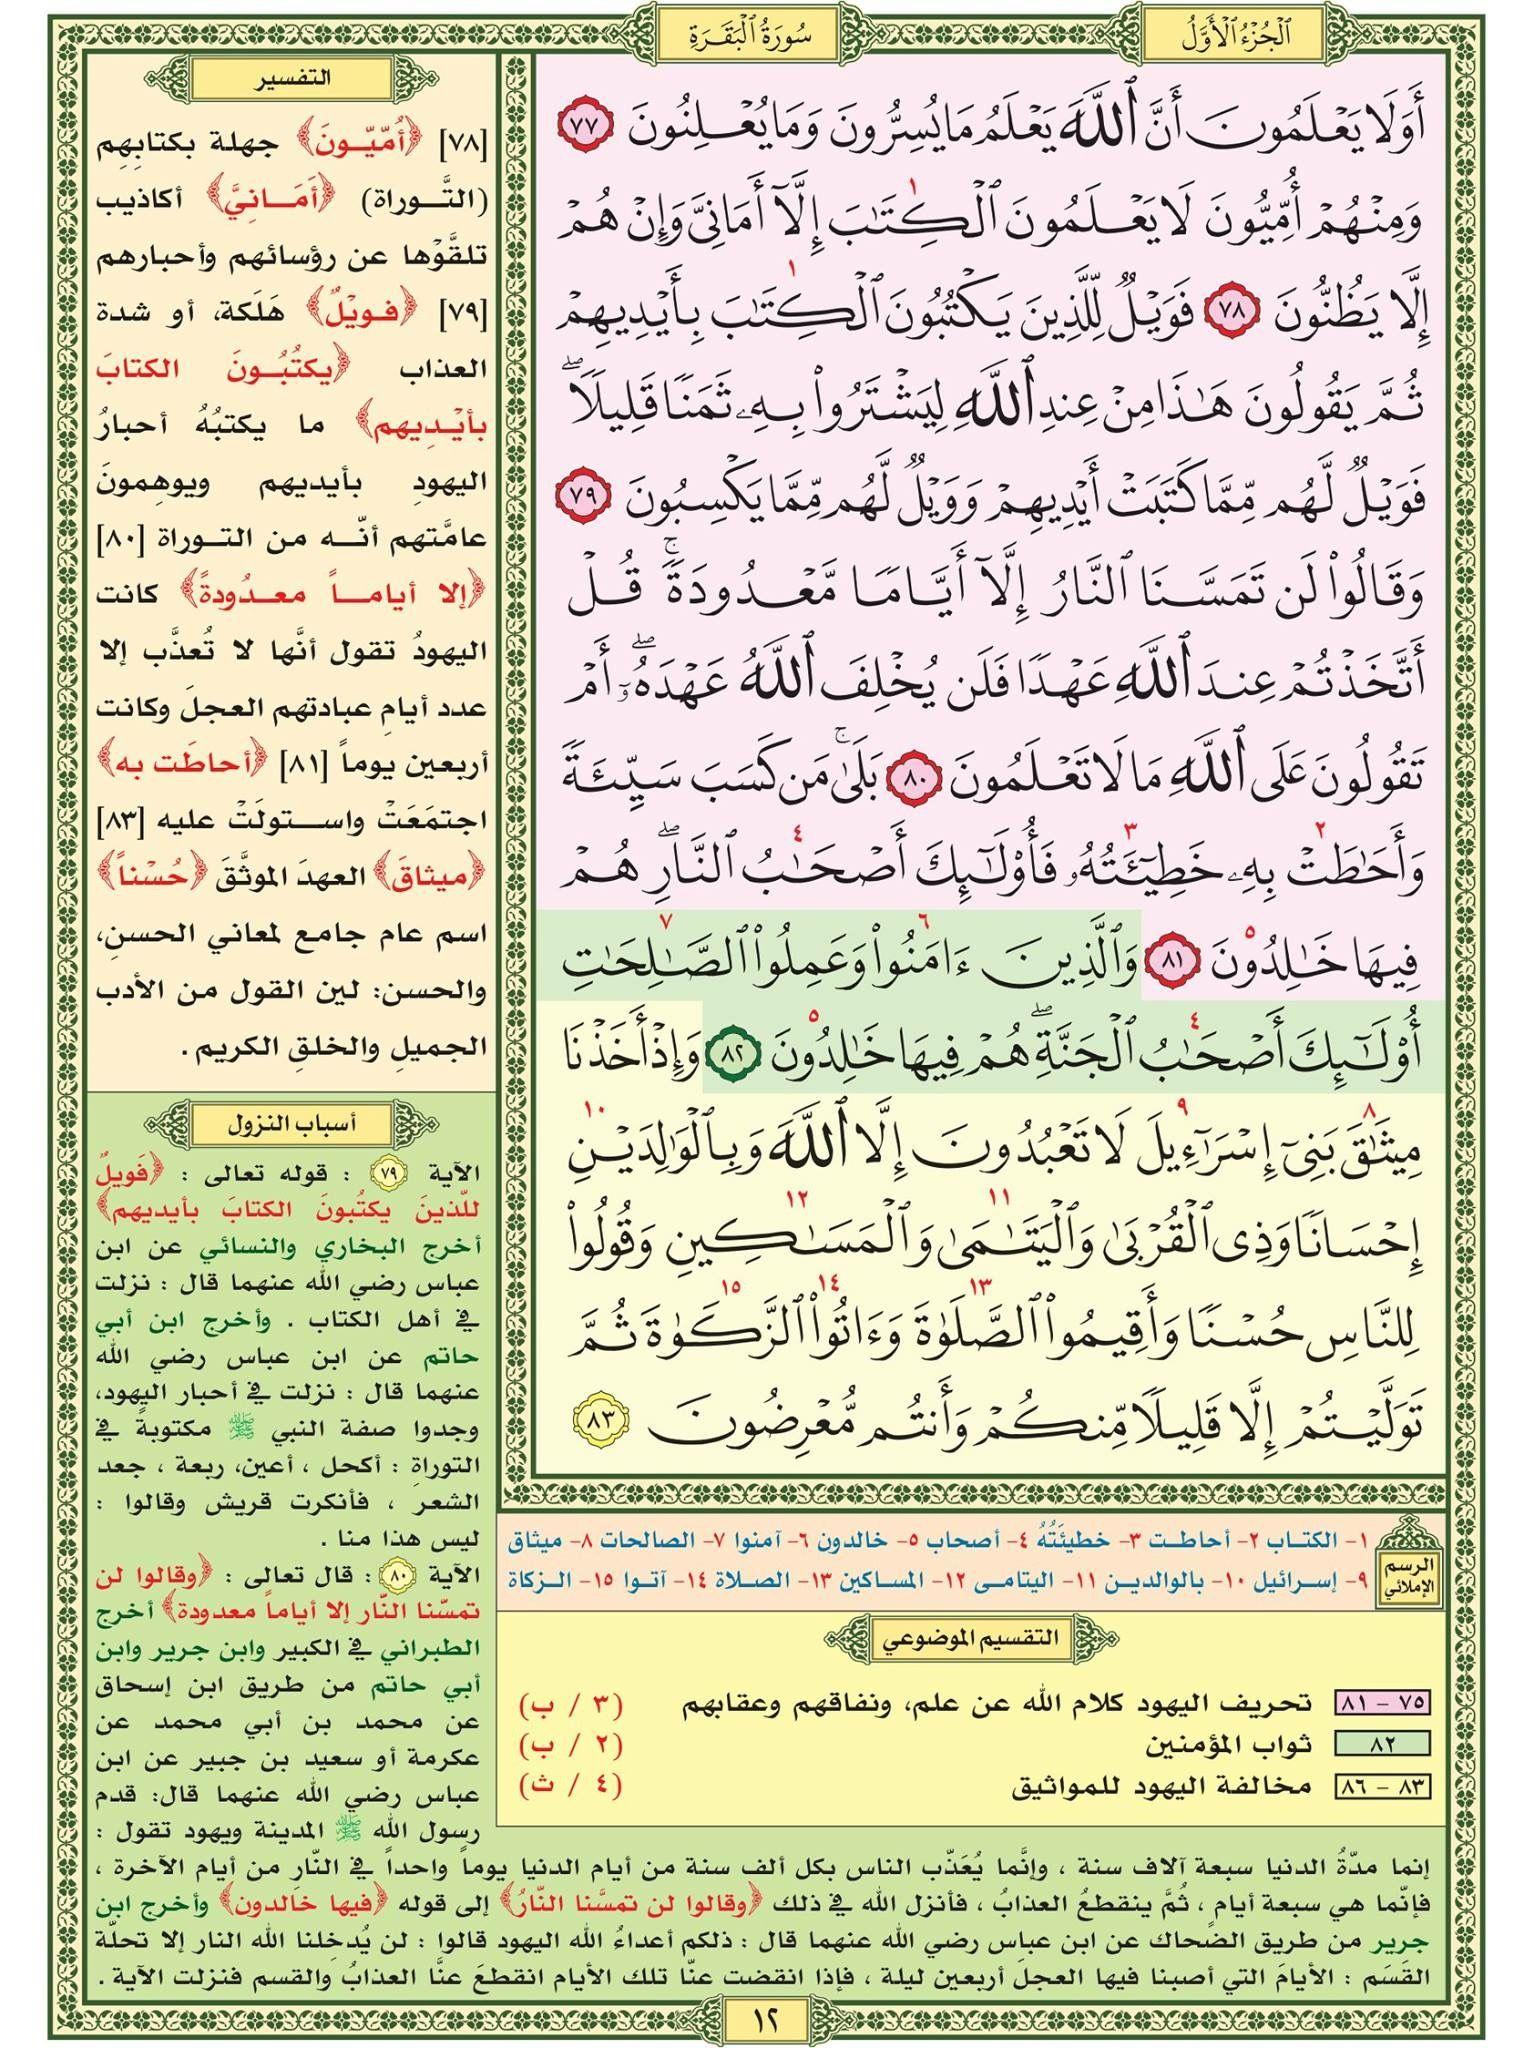 سورة البقرة صفحة رقم ١٢ مصحف التقسيم الموضوعي للحافظ المتقن Quran Verses Verses Bullet Journal